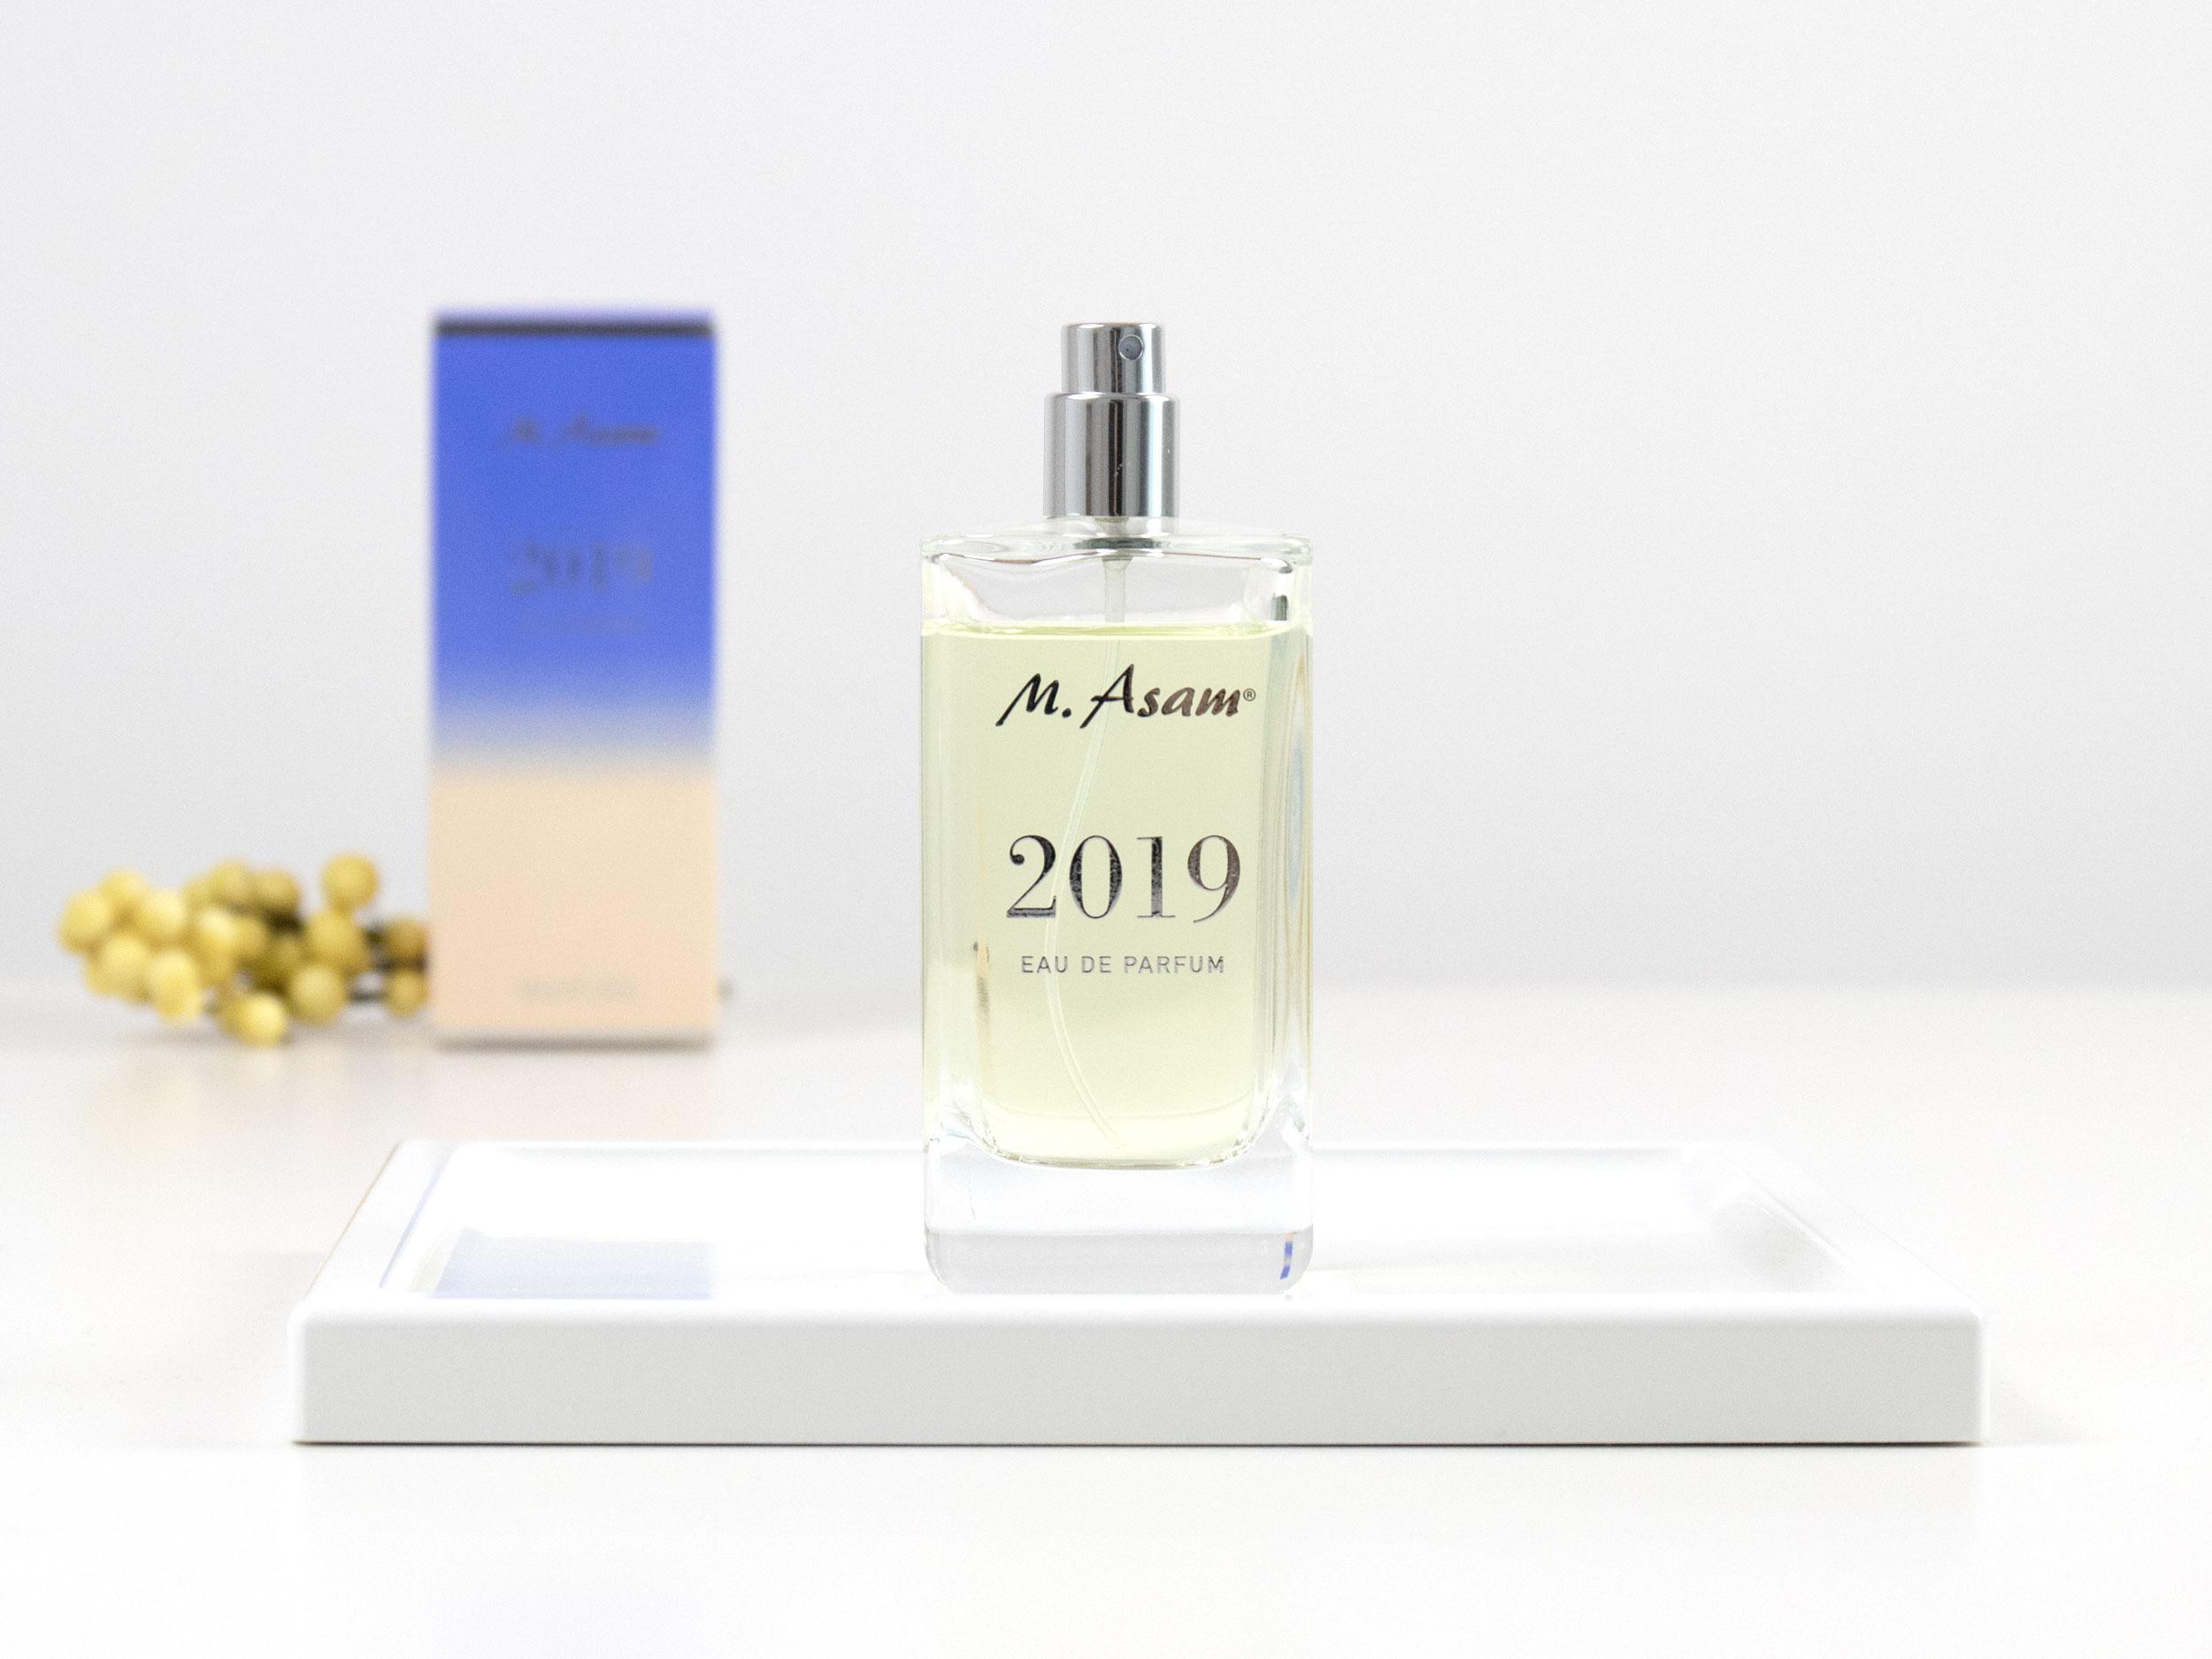 M. ASAM® 2019 Eau de Parfum